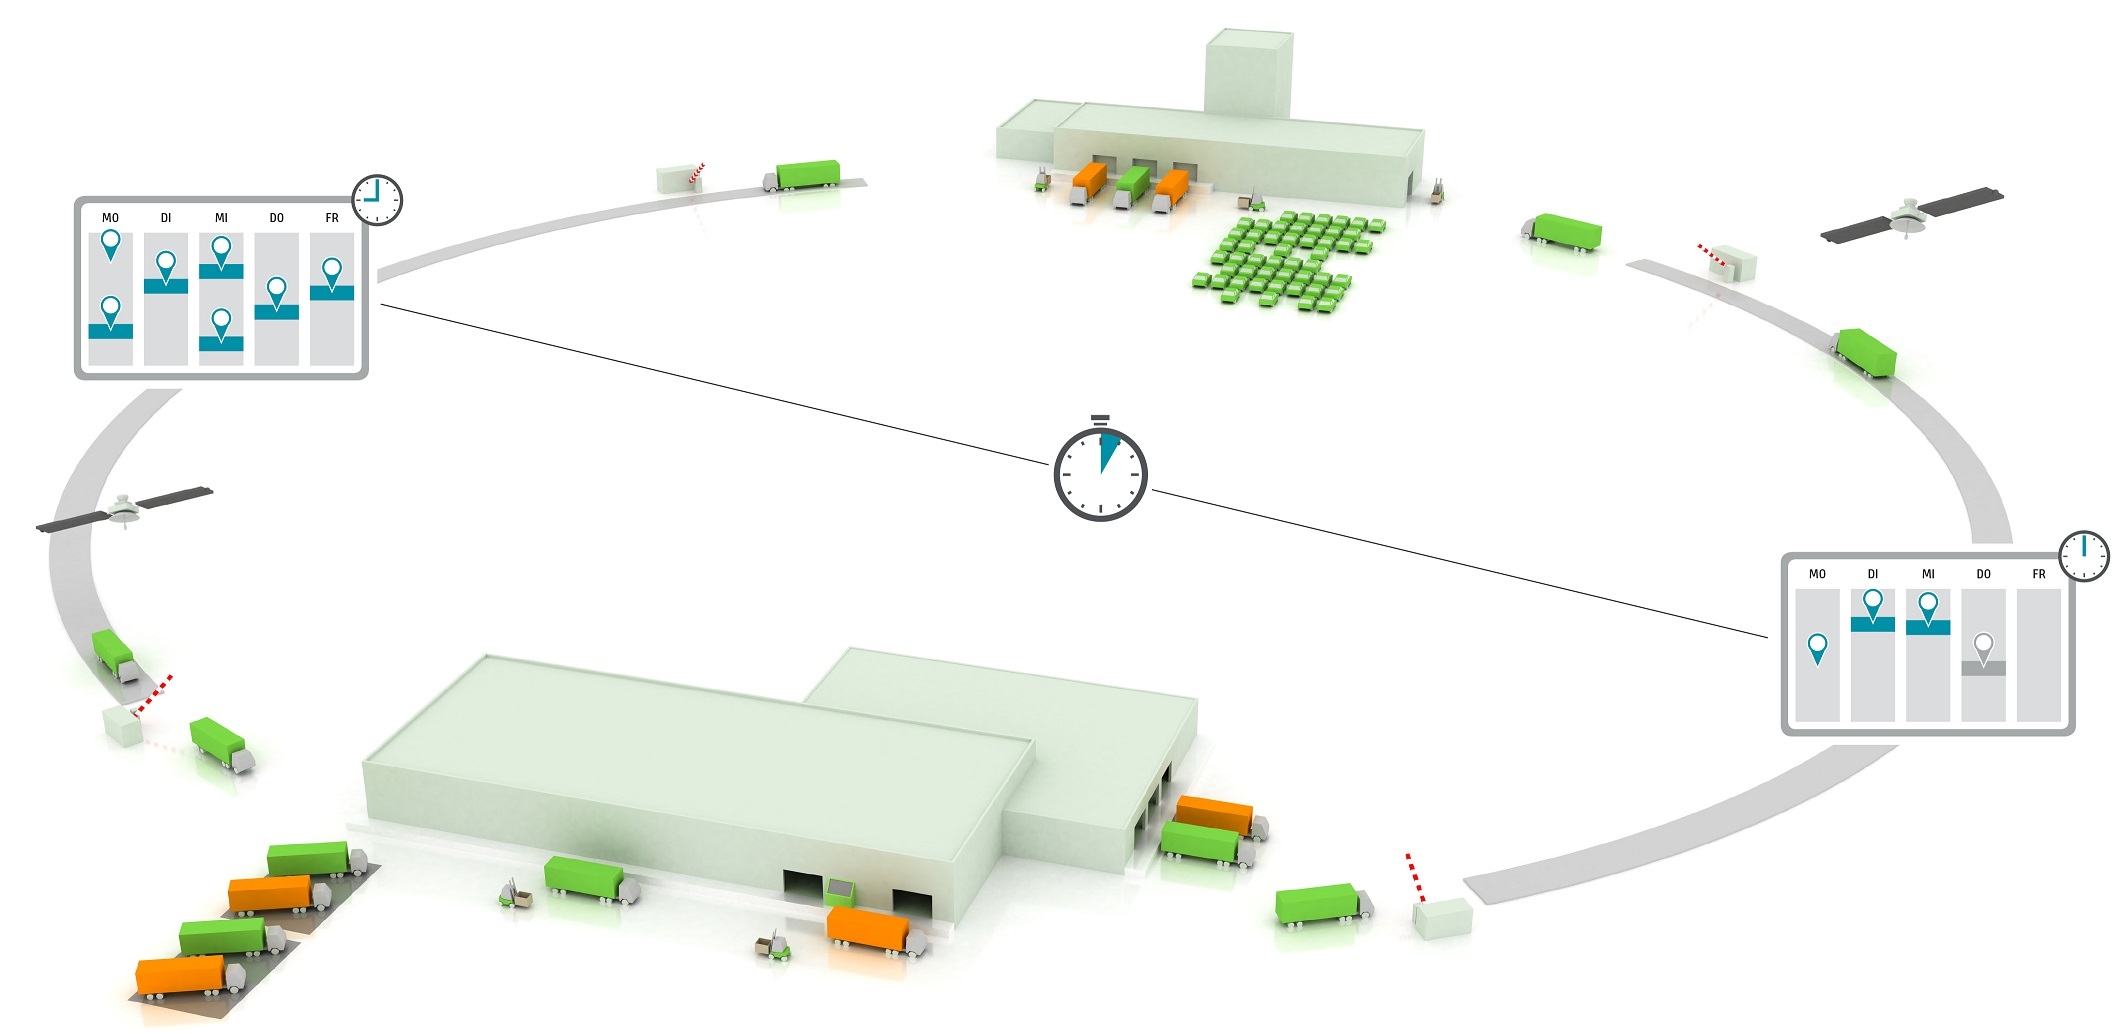 Liefernachweise und Schadensberichte können per App erfasst und weiterverarbeitet werden. (Bild: Inform GmbH)